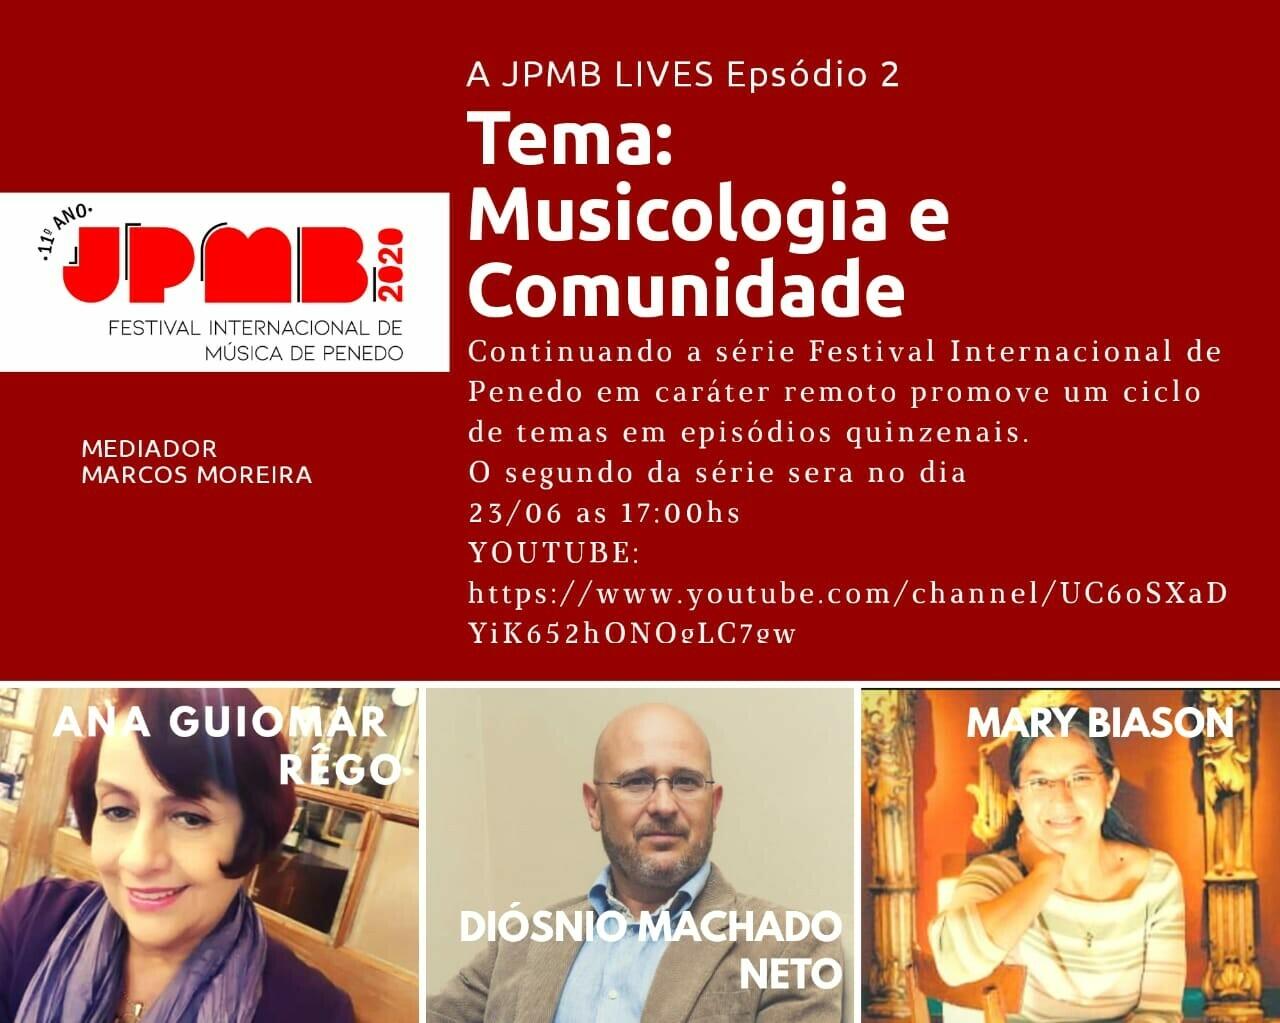 Ana Guiomar - live no dia 23-06